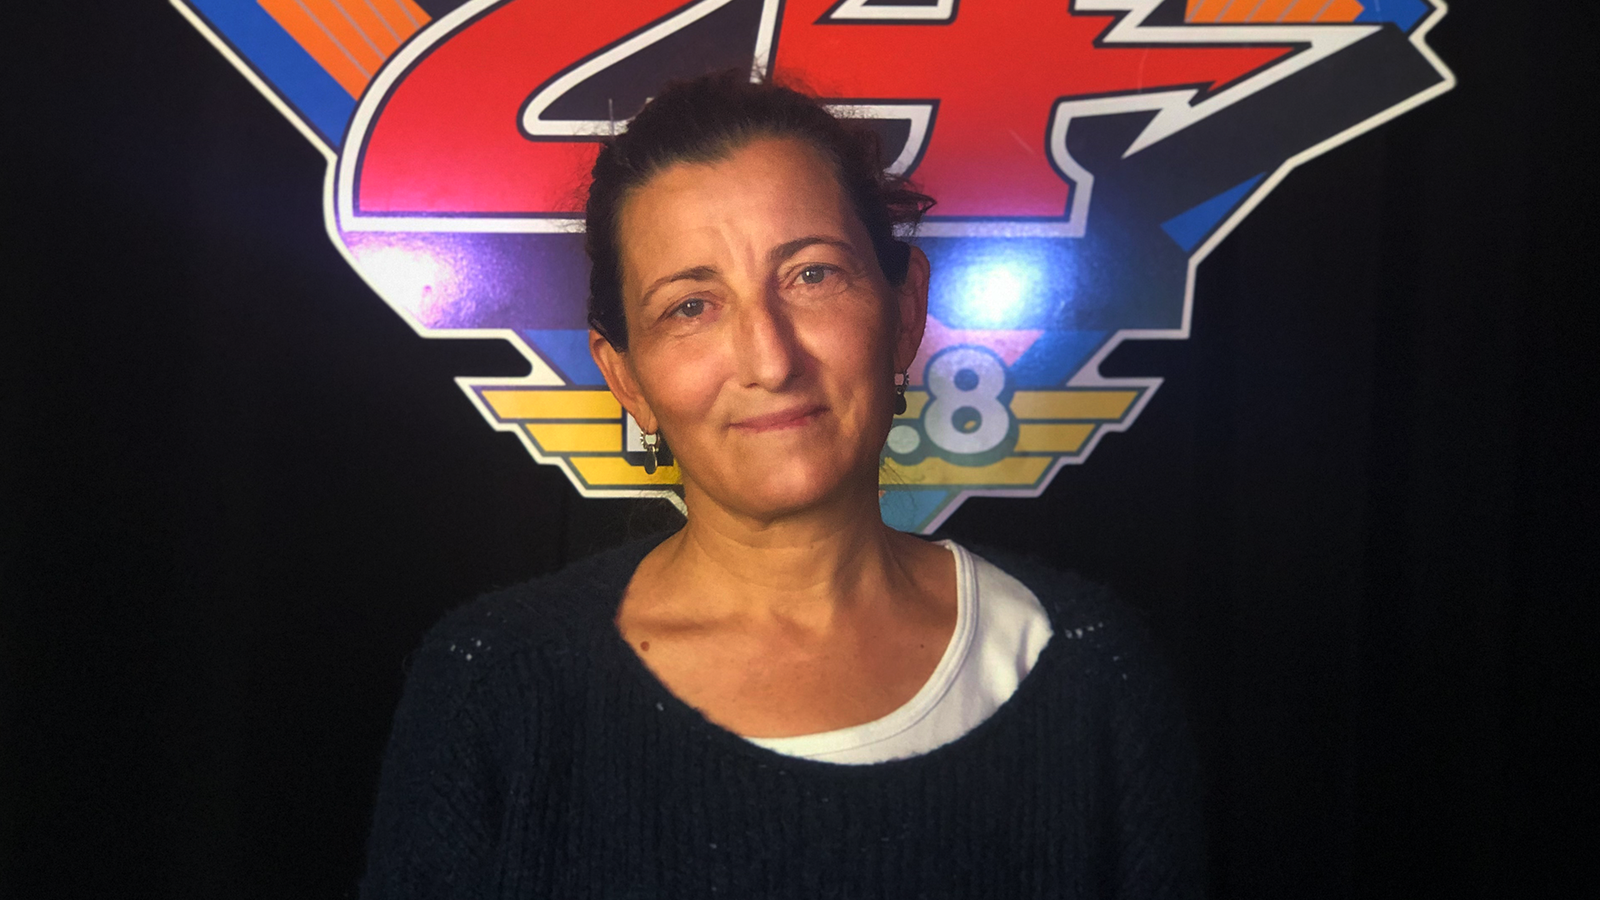 Erika Haltiner hat lange als Co-Leiterin bei einer Fachstelle zur Prävention sexueller Ausbeutung gearbeitet. Sie ist mittlerweile selbständige Beraterin und begleitet Schulen und andere stationäre Einrichtungen im Umgang mit sexualisierter Gewalt. (© Radio 24)